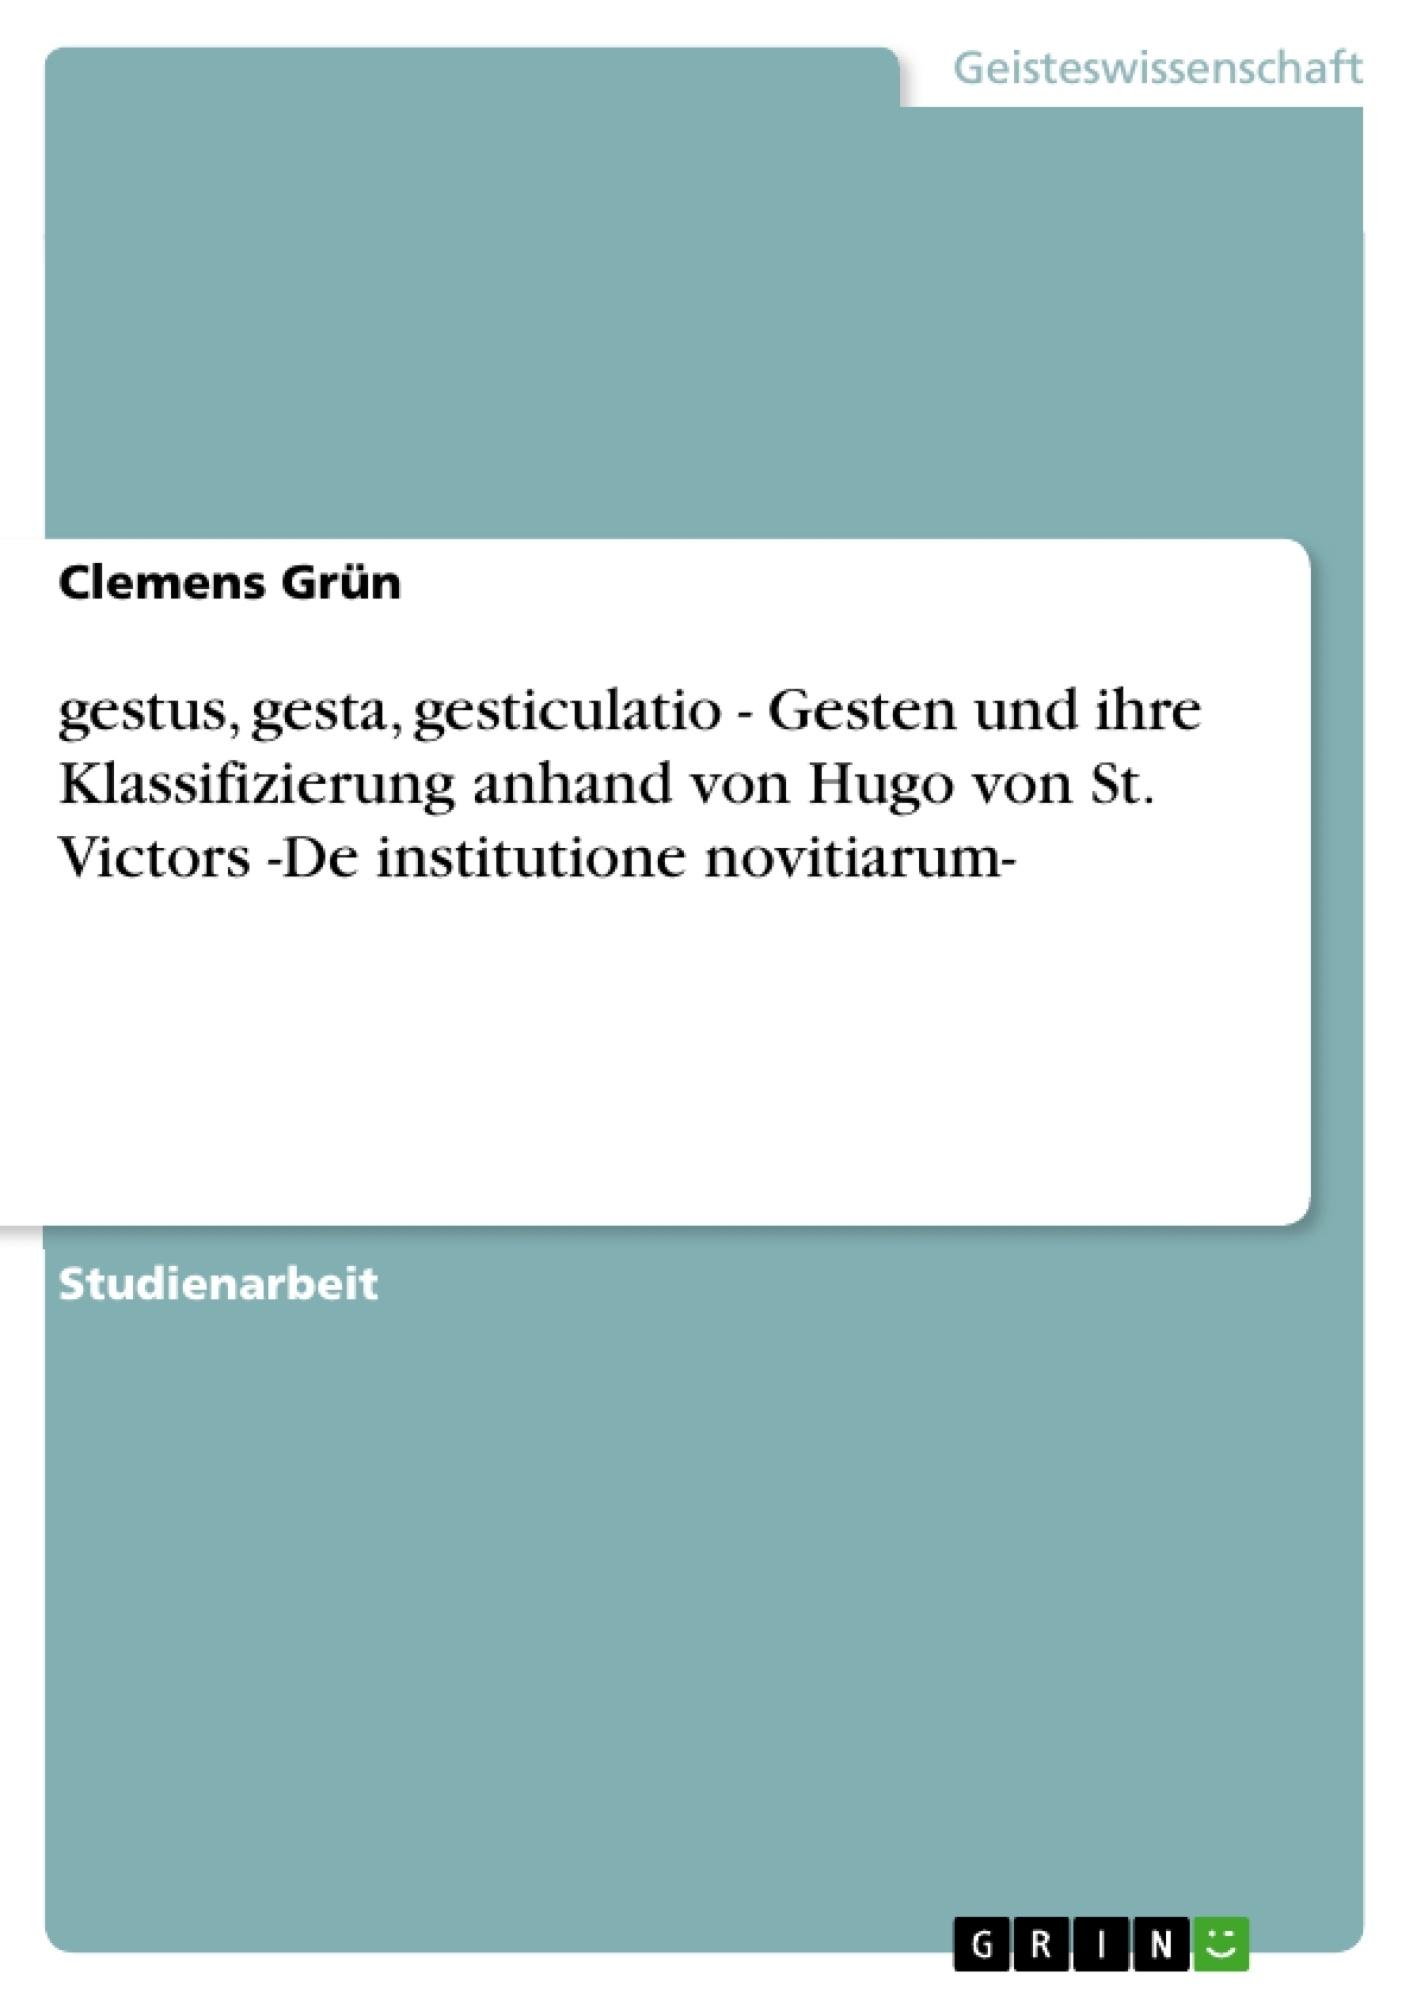 Titel: gestus, gesta, gesticulatio - Gesten und ihre Klassifizierung anhand von Hugo von St. Victors -De institutione novitiarum-